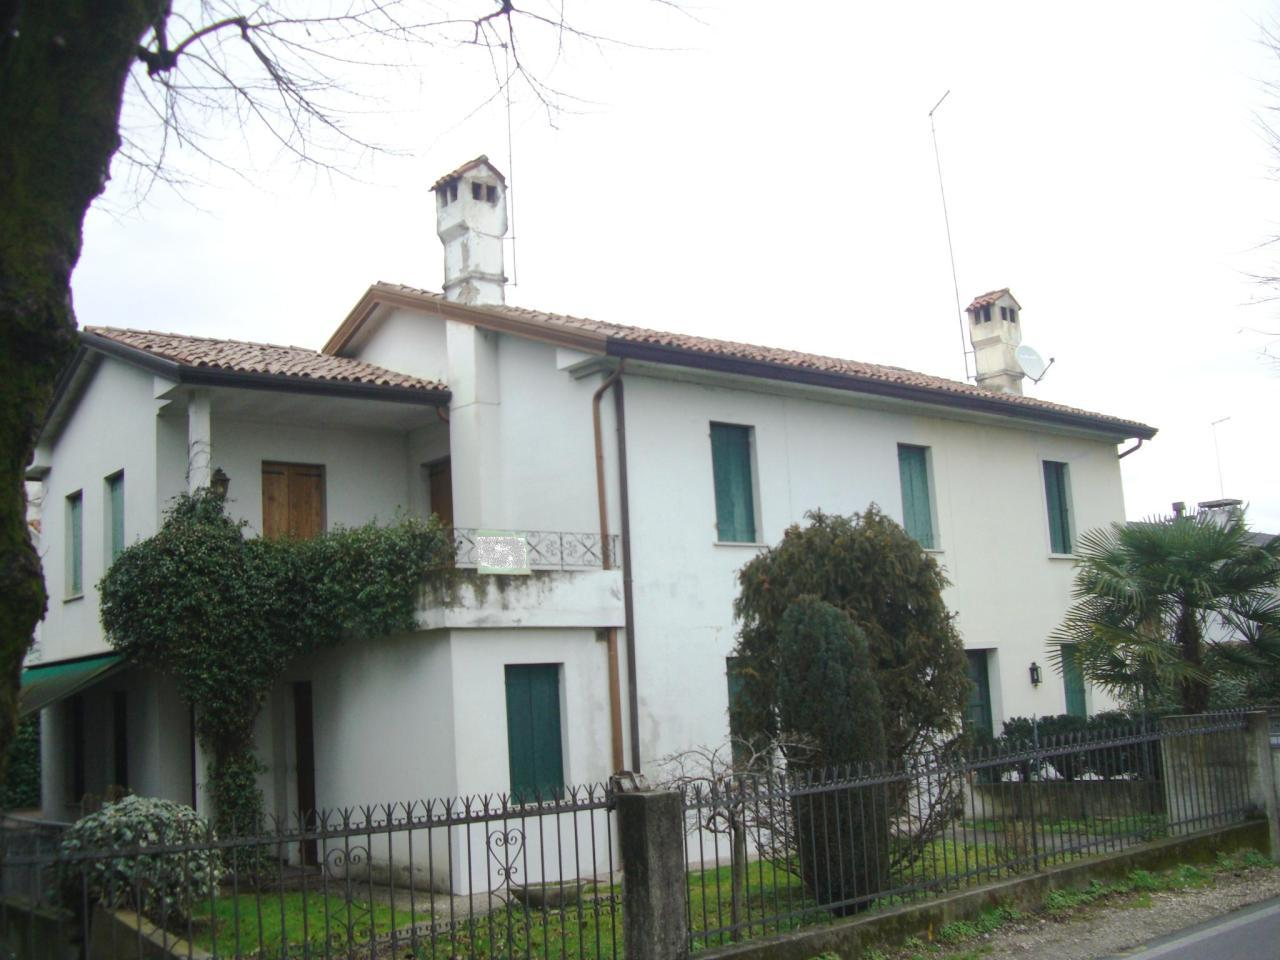 Soluzione Indipendente in vendita a Castelfranco Veneto, 11 locali, prezzo € 255.000 | Cambio Casa.it